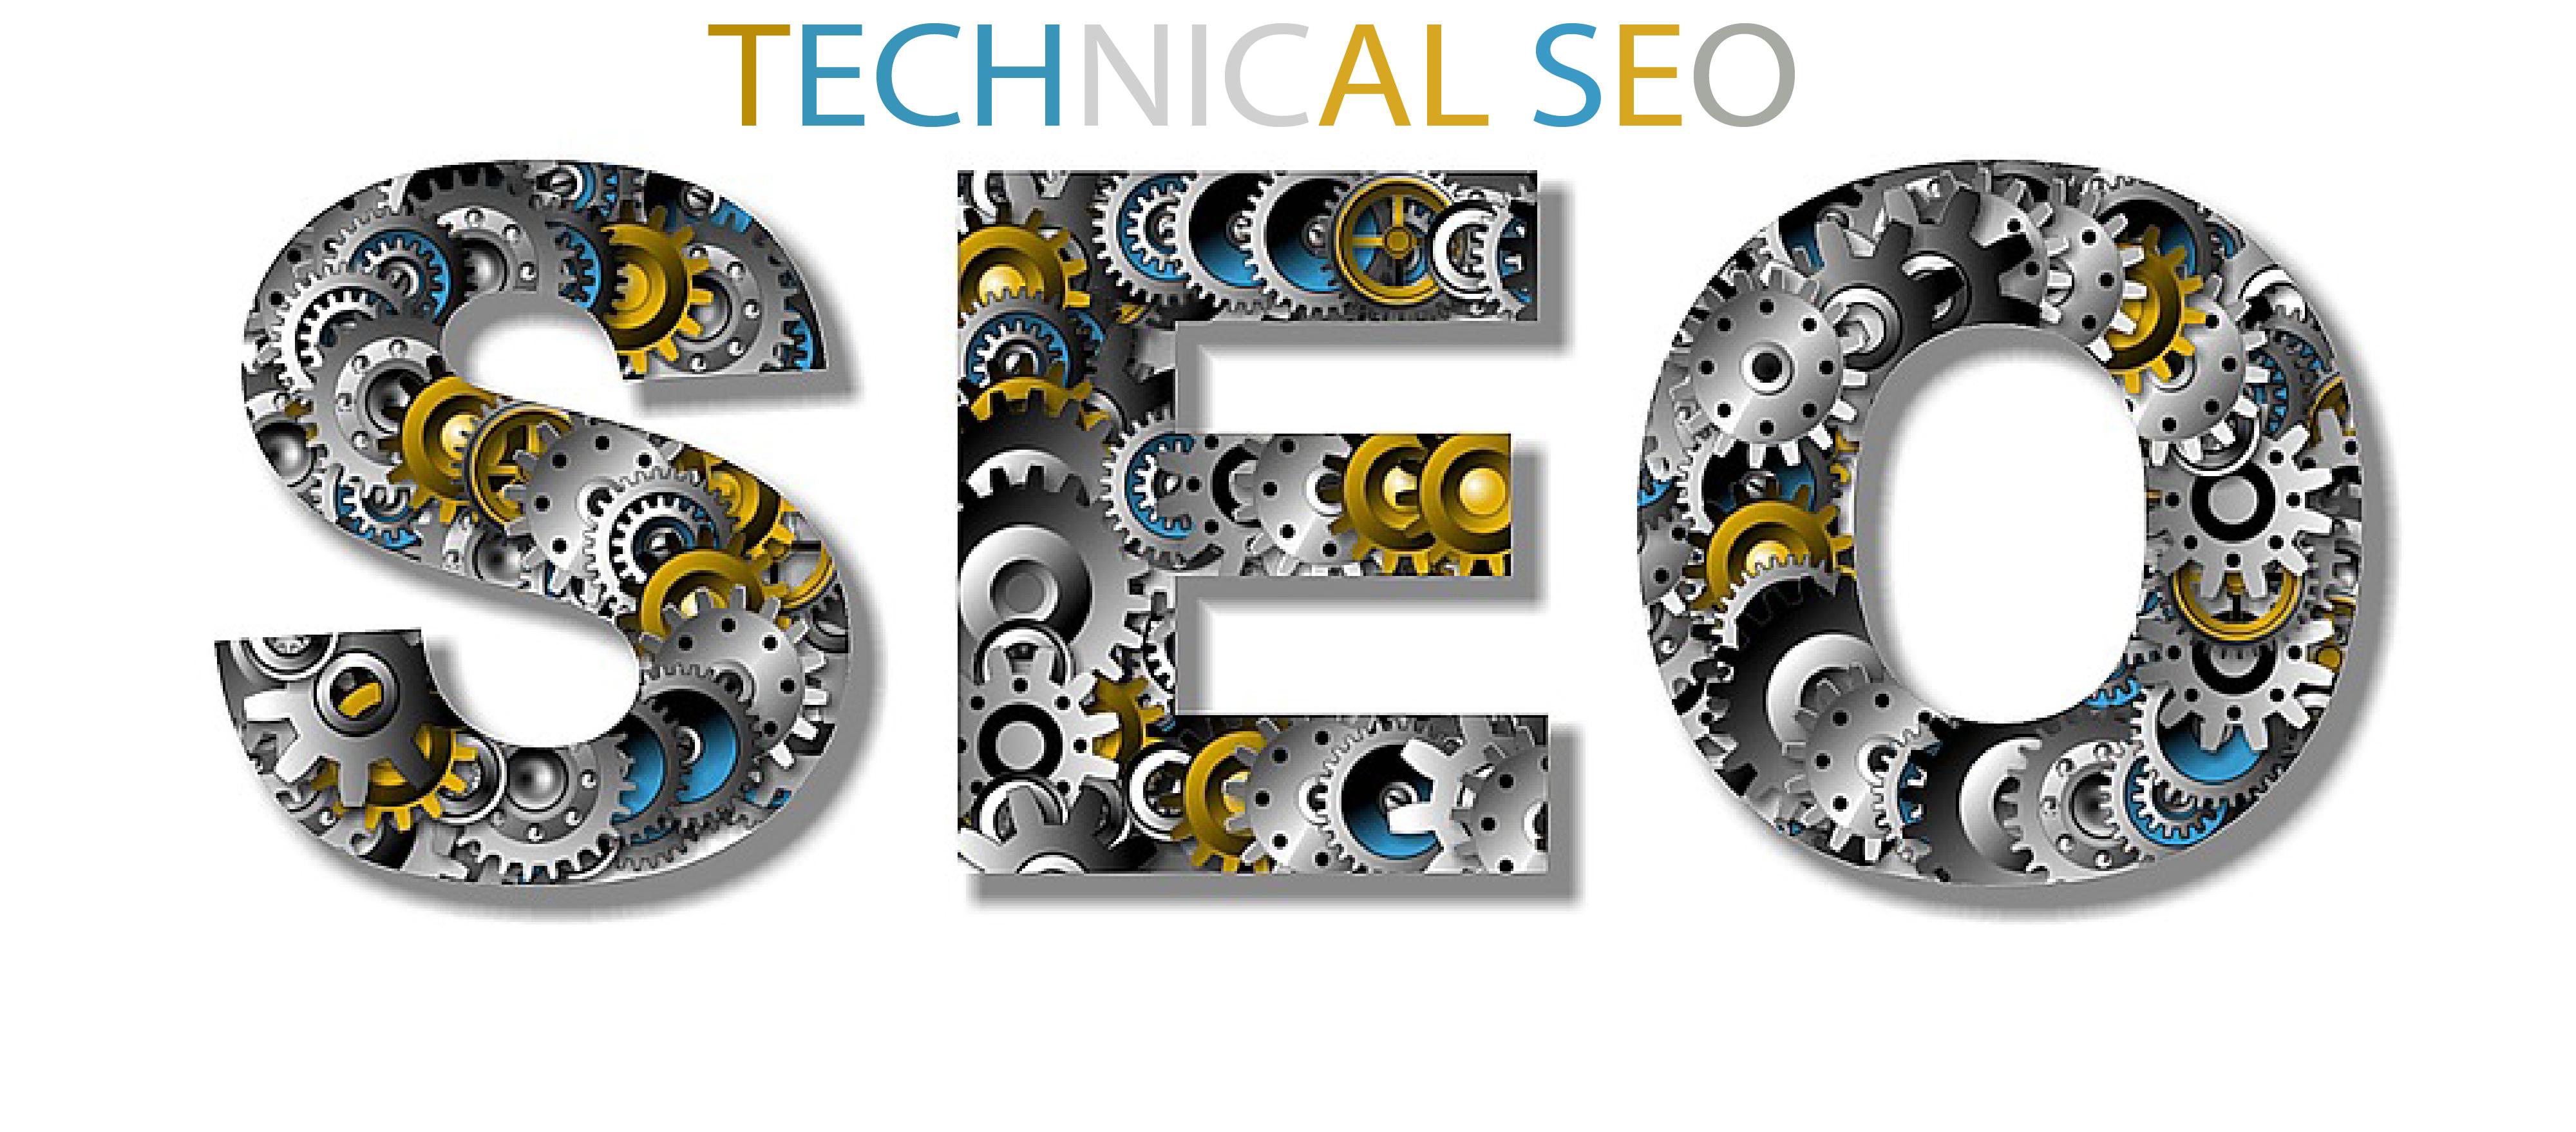 Technical-Seo-Soutechventures